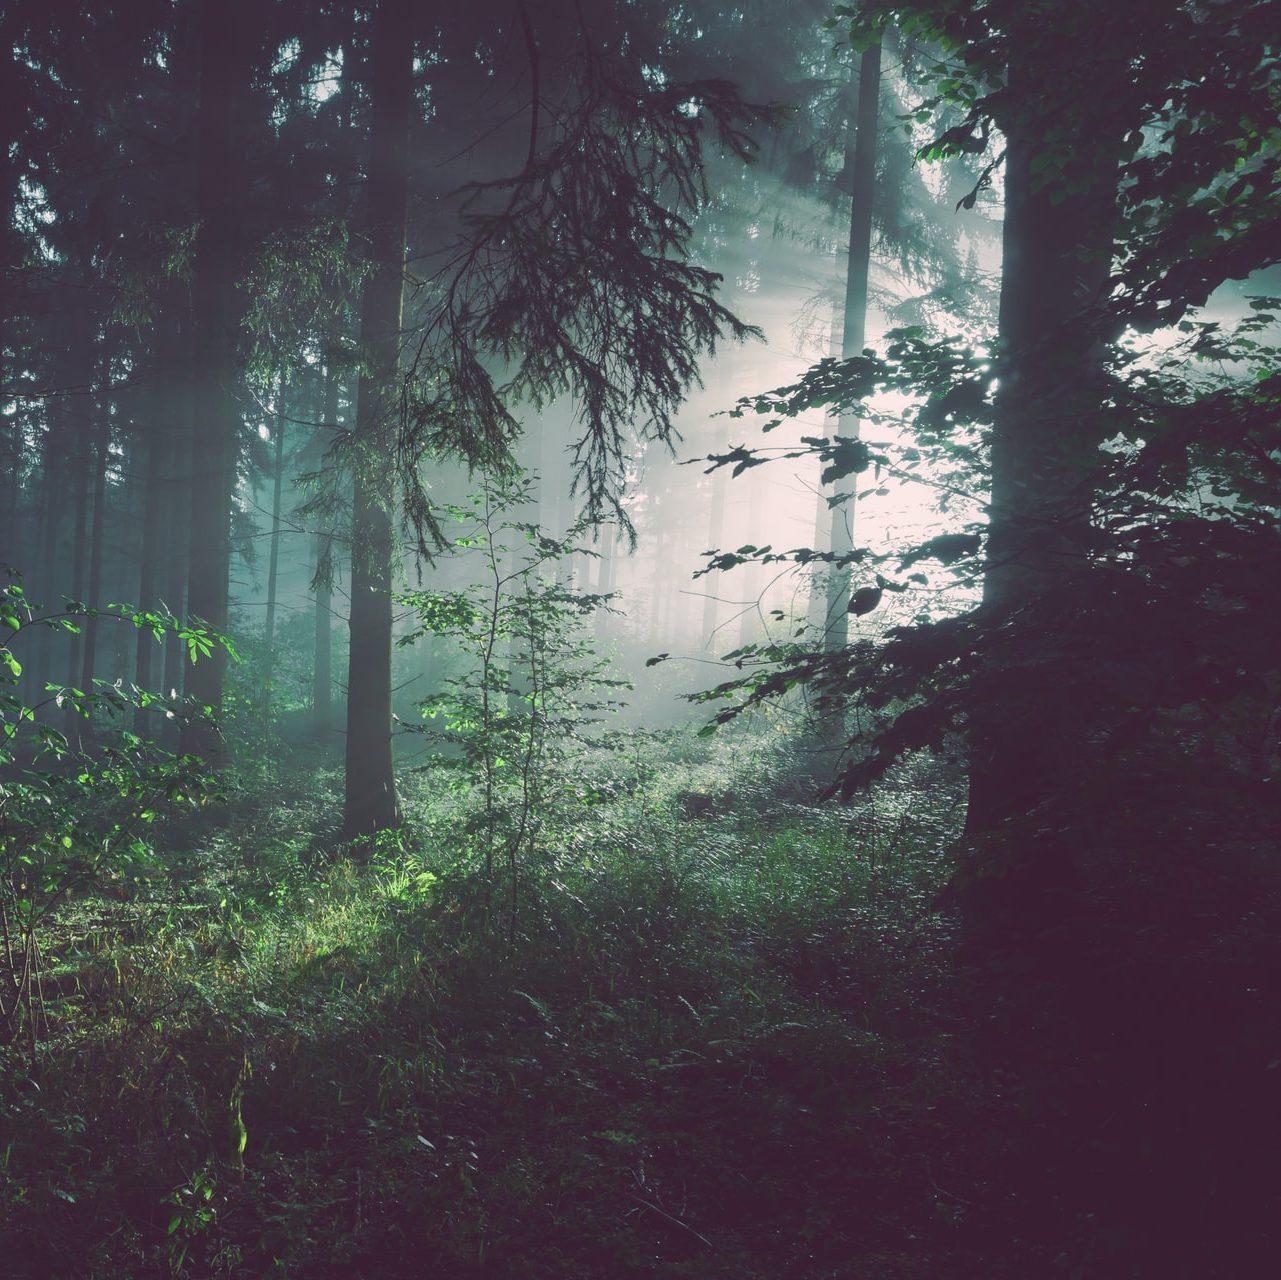 ONU abre Fórum sobre Florestas realçando urgência de proteção e conservação